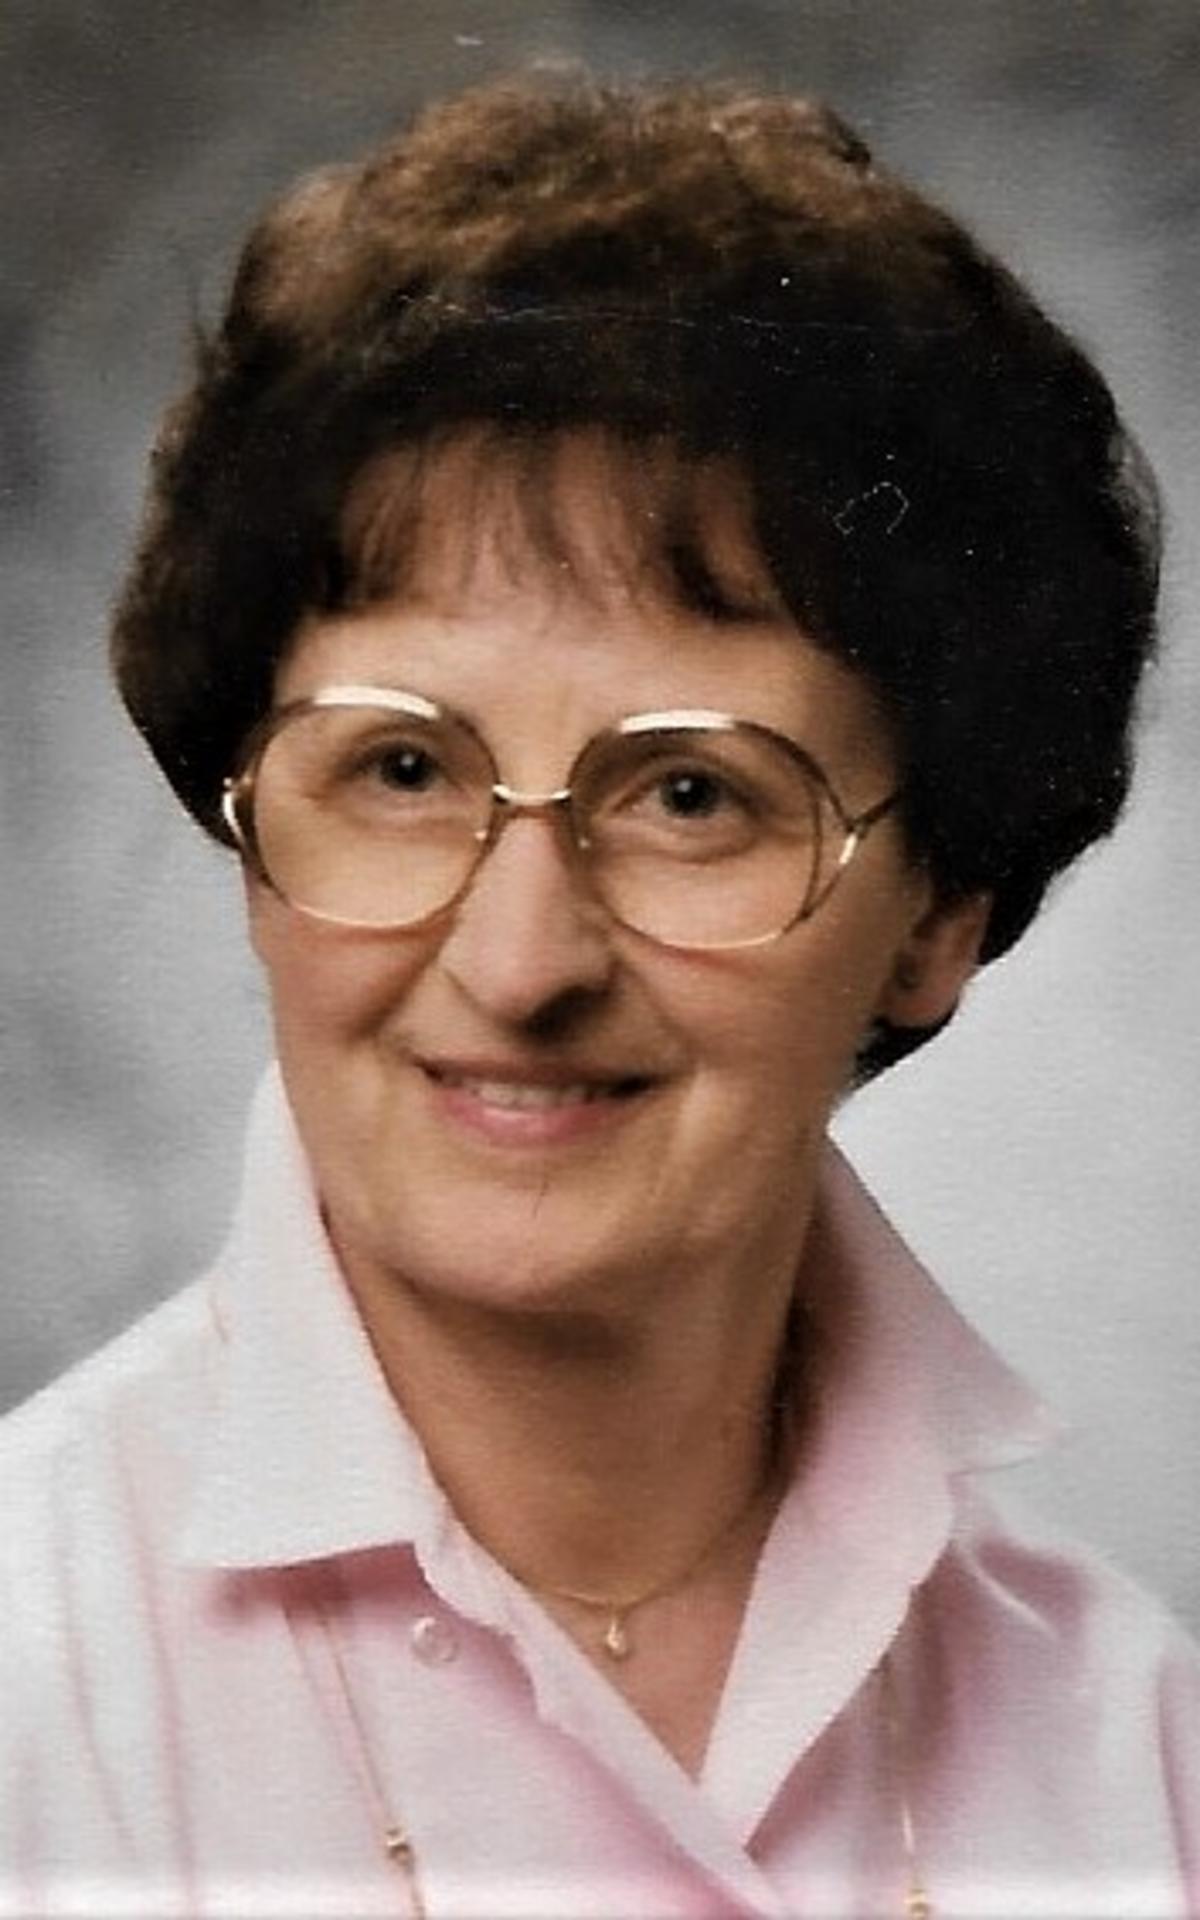 Über sechzig Jahre im Dienst an ihren Mitmenschen: Ingrid Fuchshofer (7. Oktober 1930 – 24. März 2020)